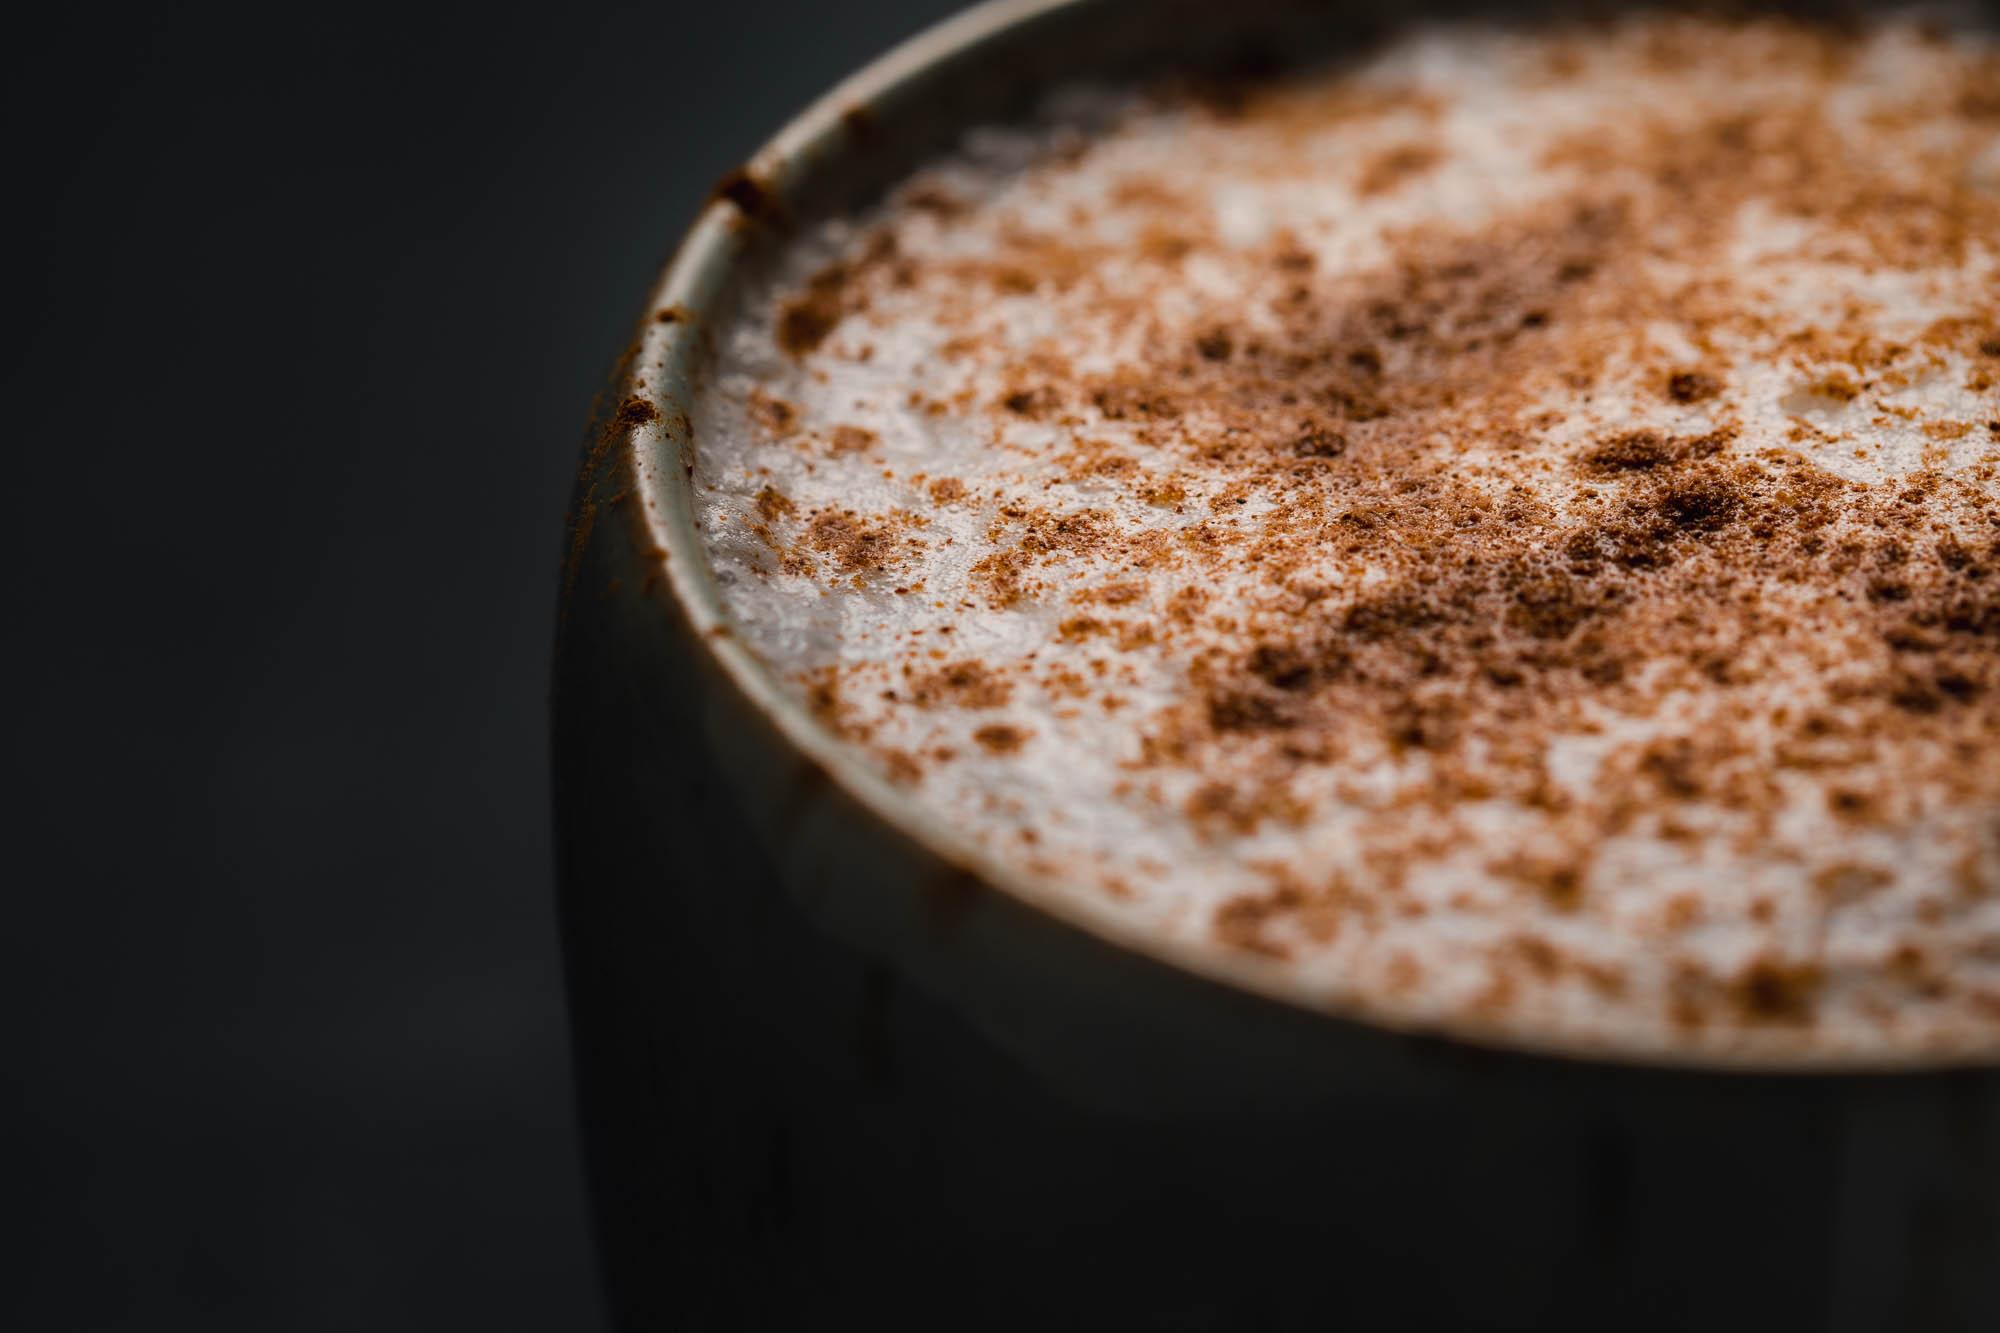 Detail aufnahme Zimt auf Chai Latte